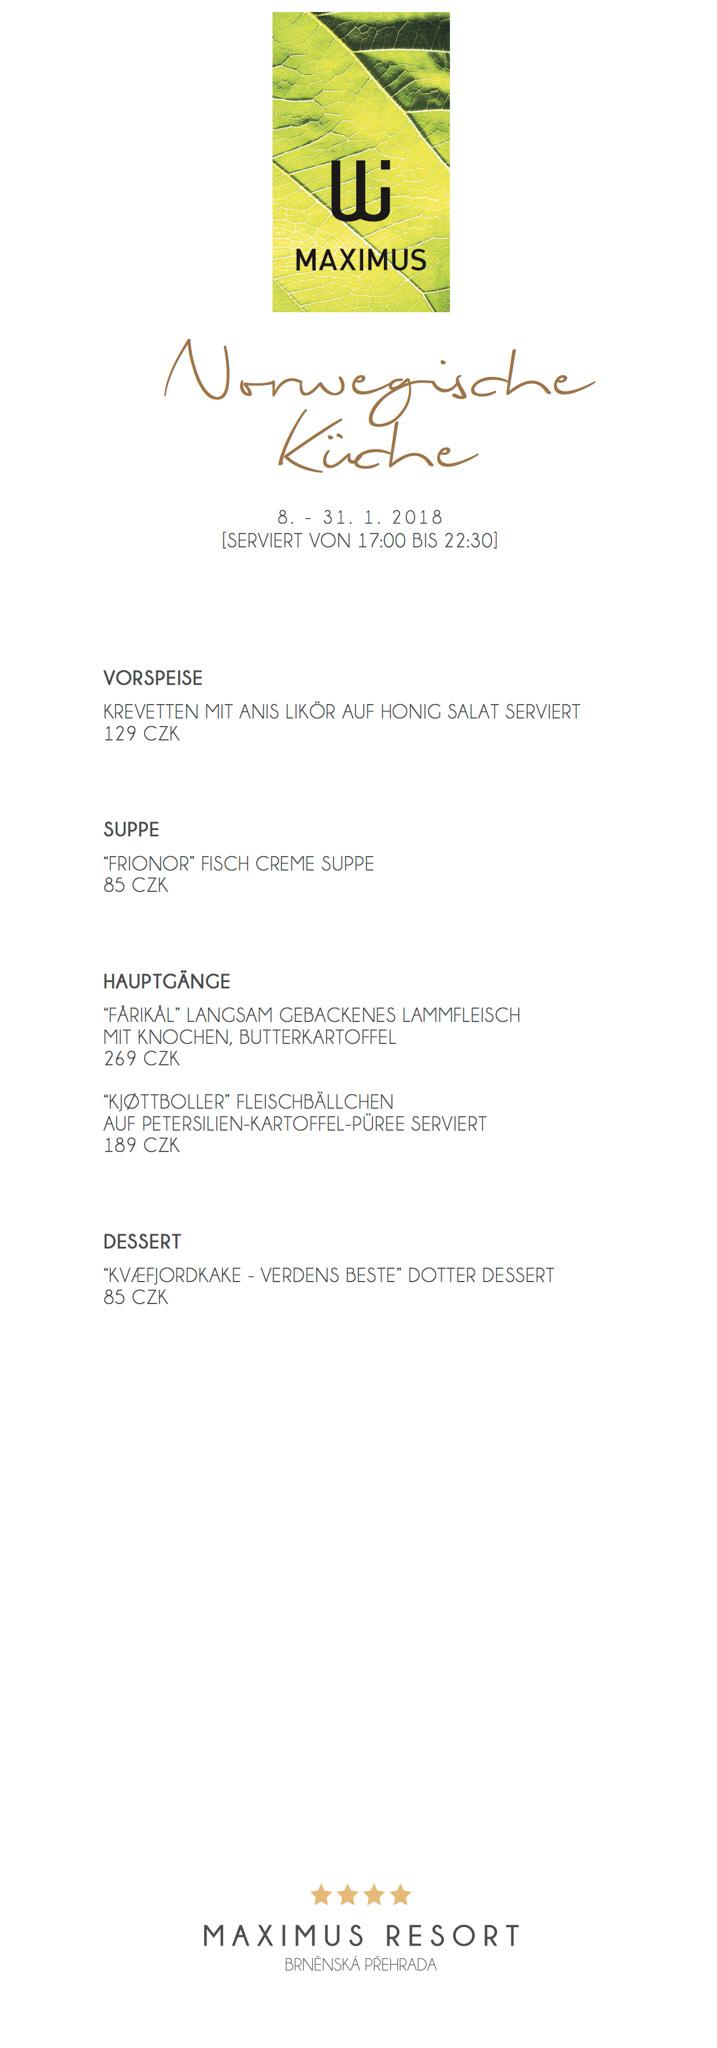 Norwegische_kuche